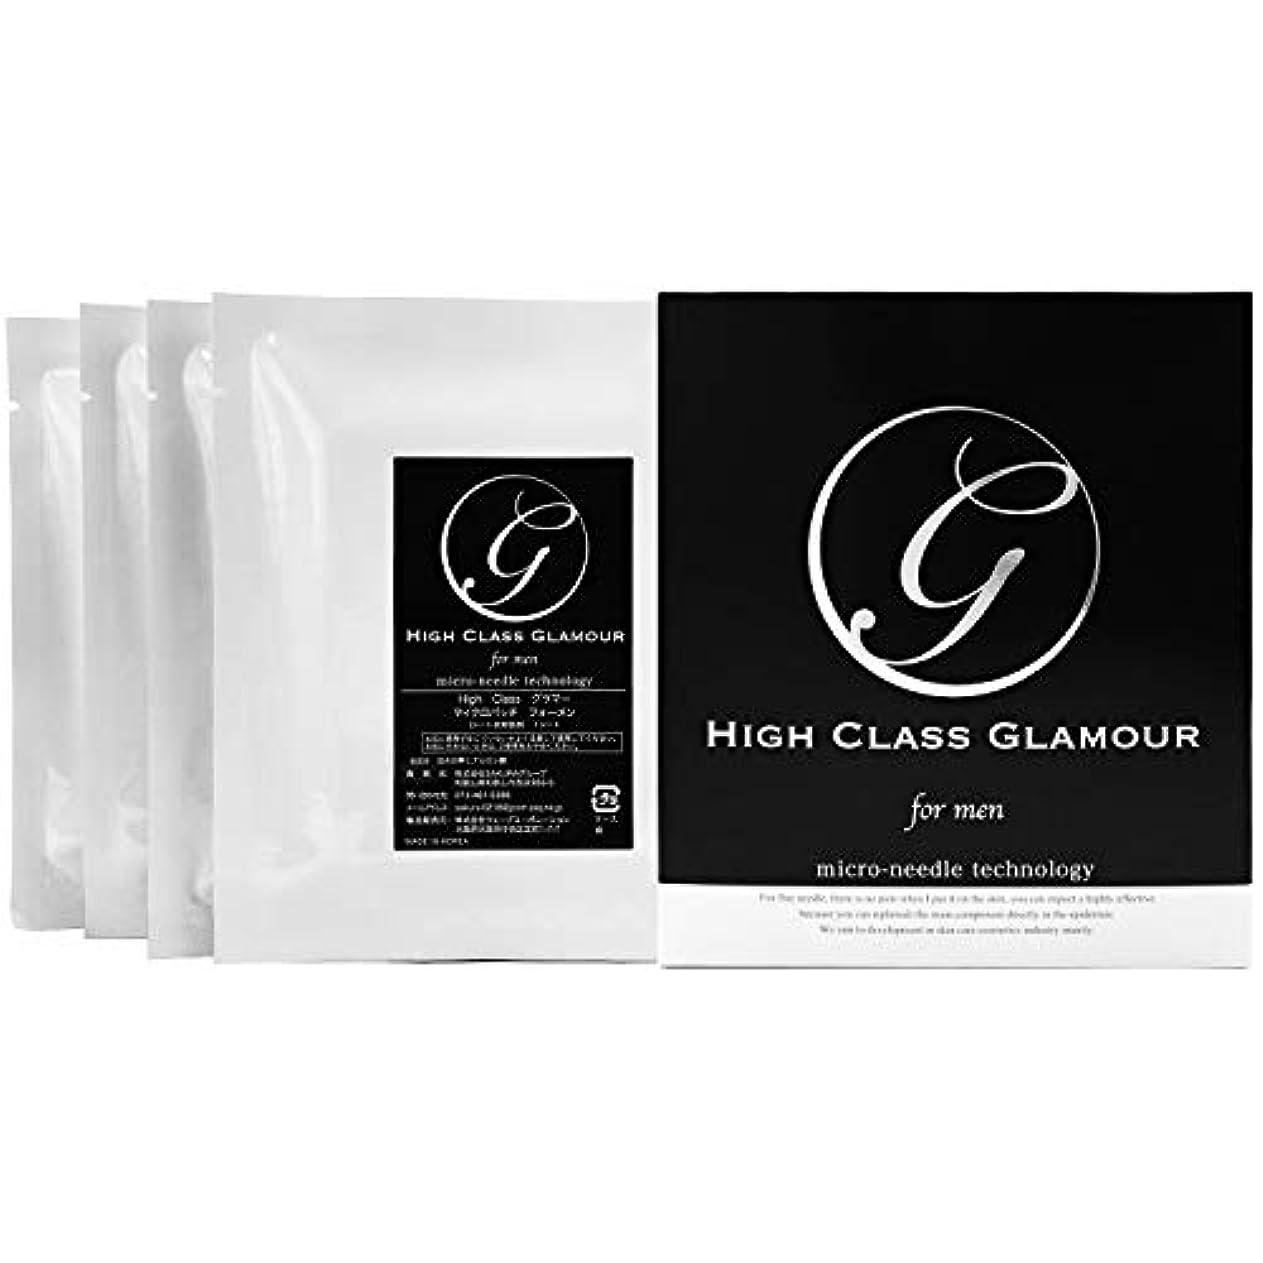 冷凍庫伝説刈るHigh class glamour メンズ マイクロパッチ 2枚×4セット (約1ヵ月分) 【悩めるオトコの肌に】